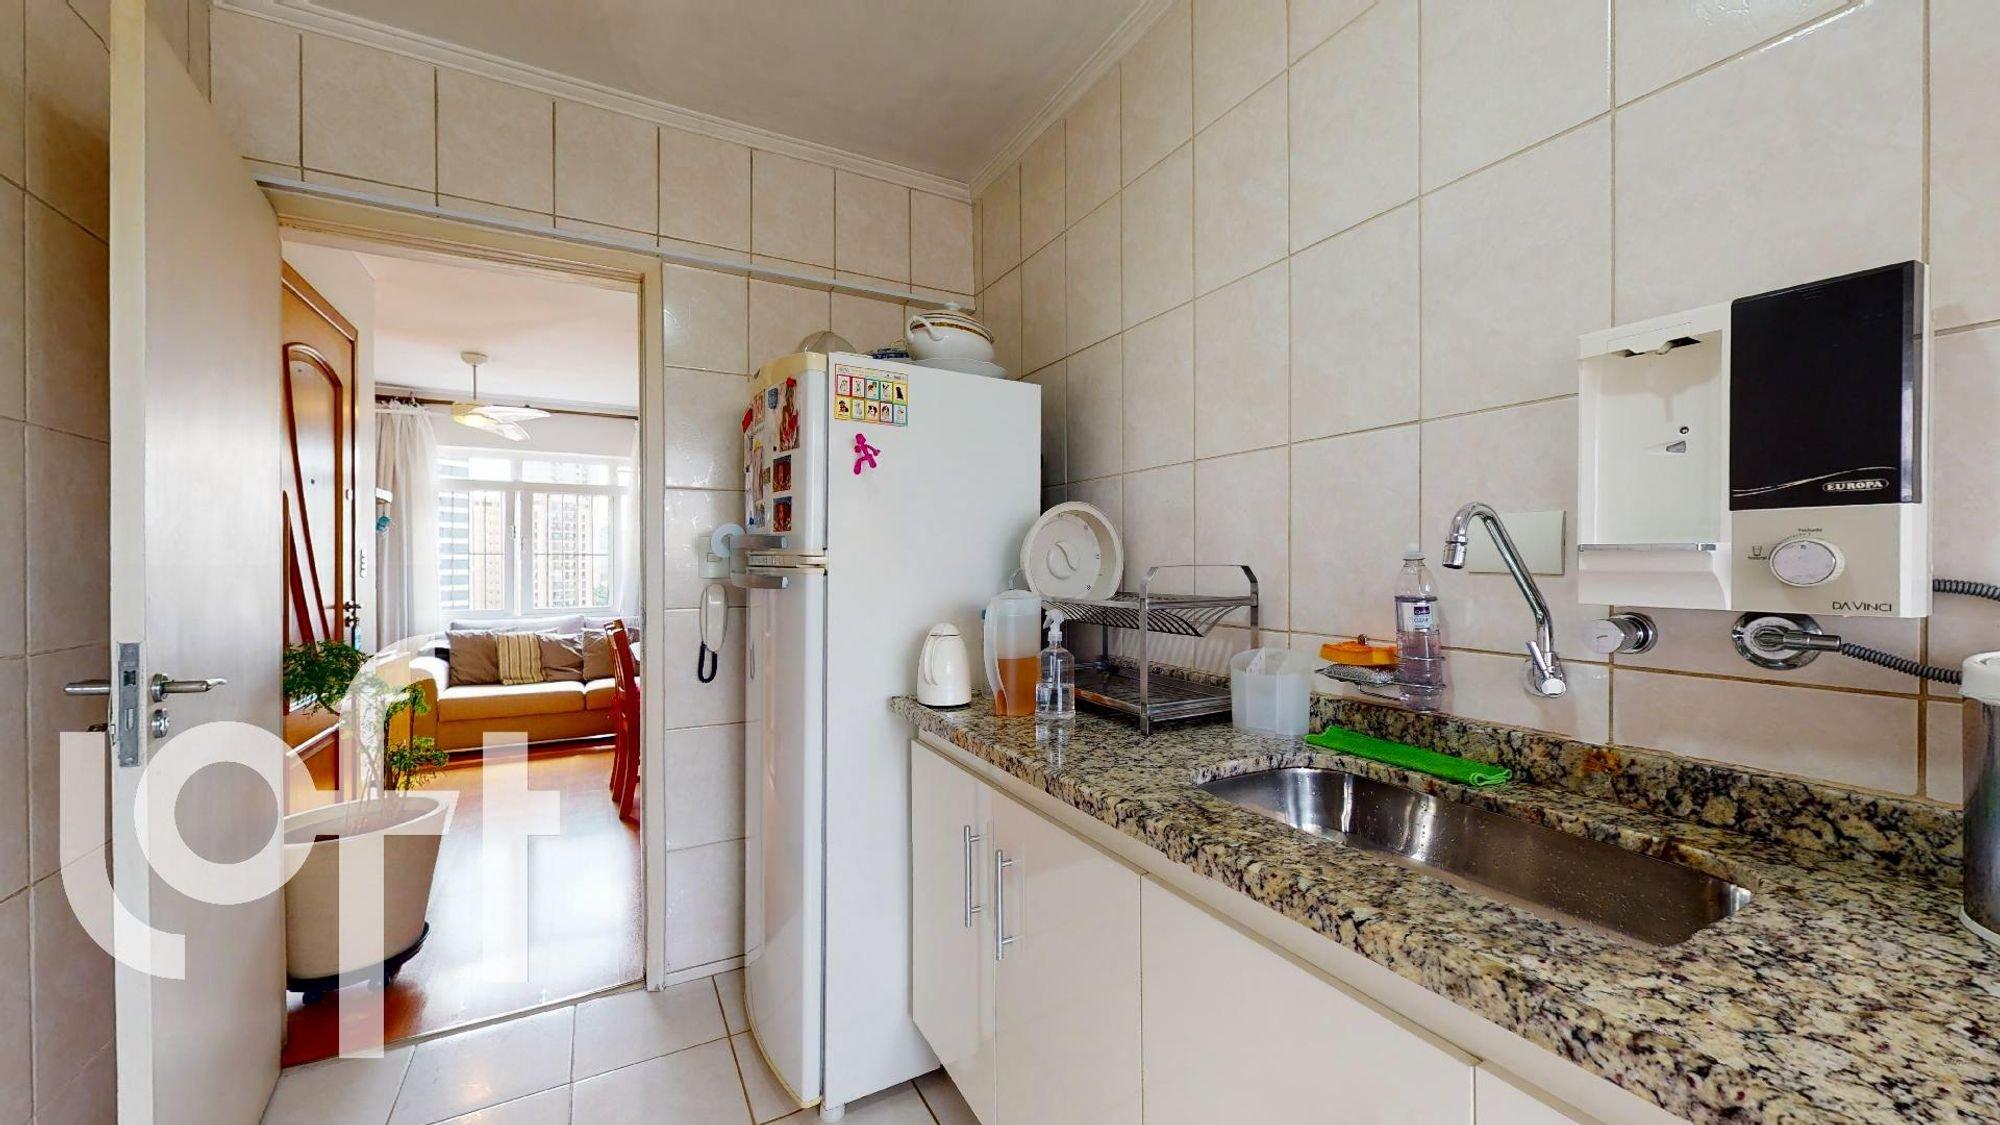 Foto de Cozinha com vaso de planta, sofá, relógio, geladeira, pia